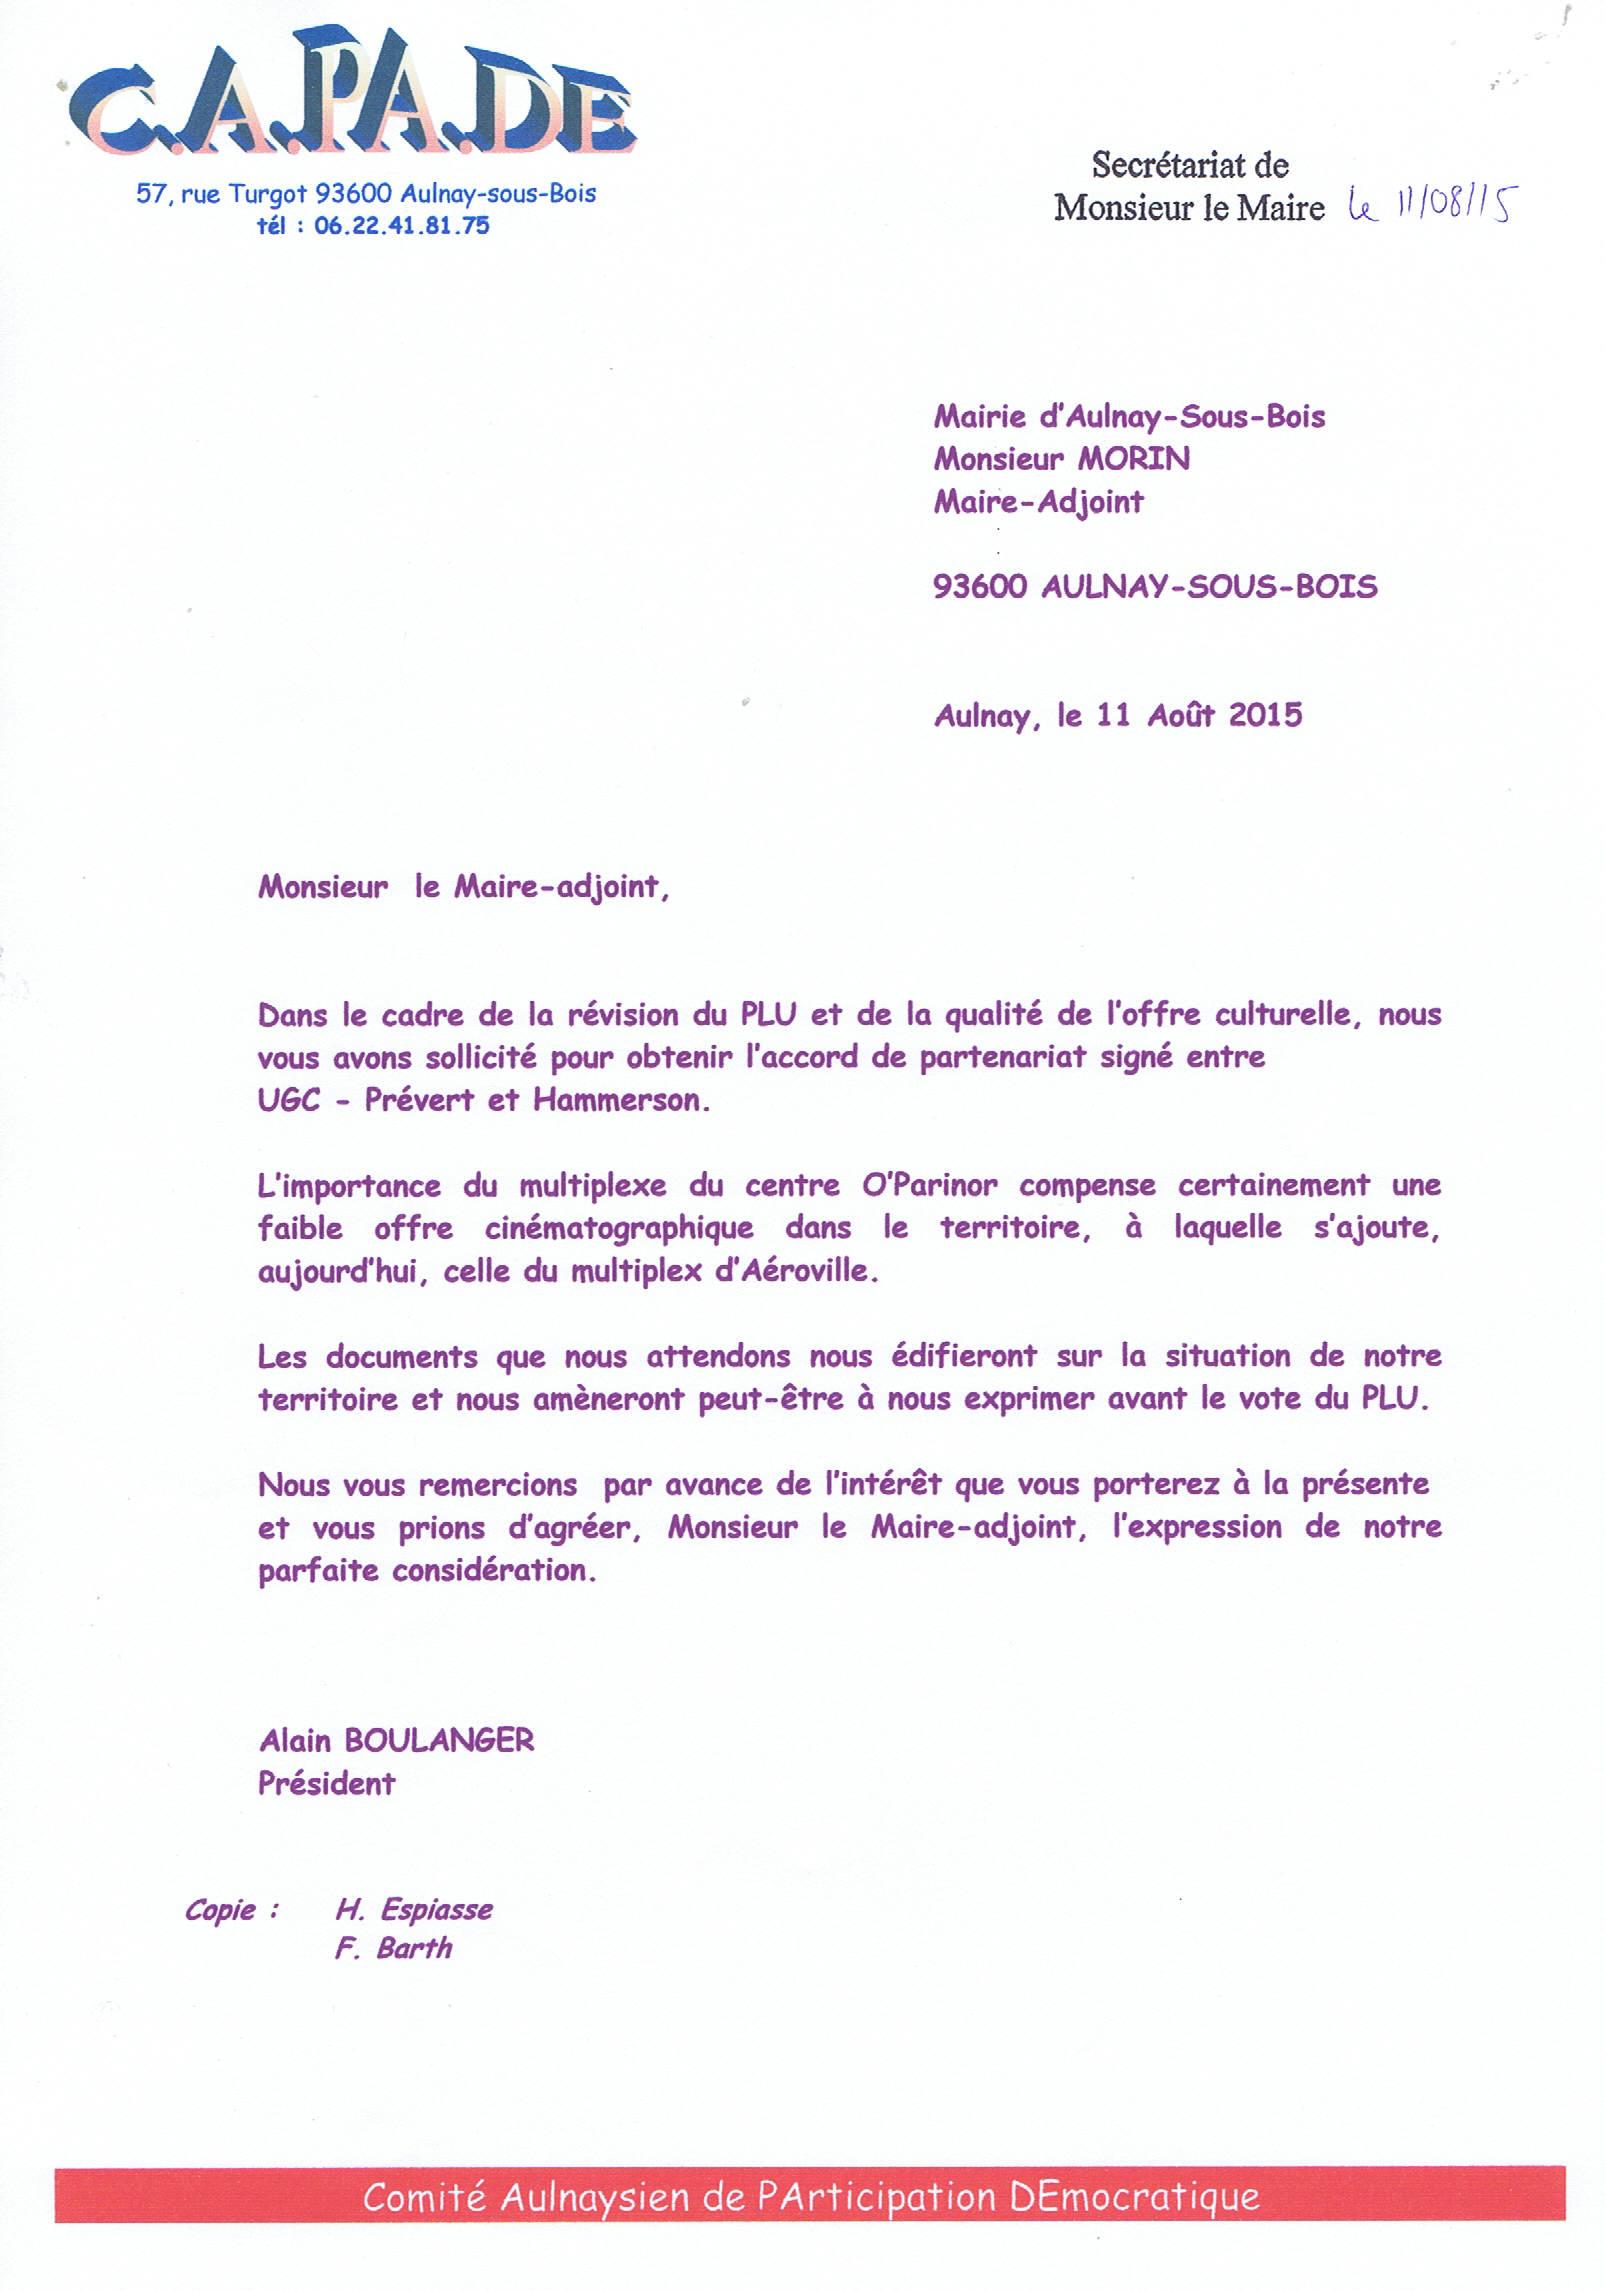 lettre demande de partenariat